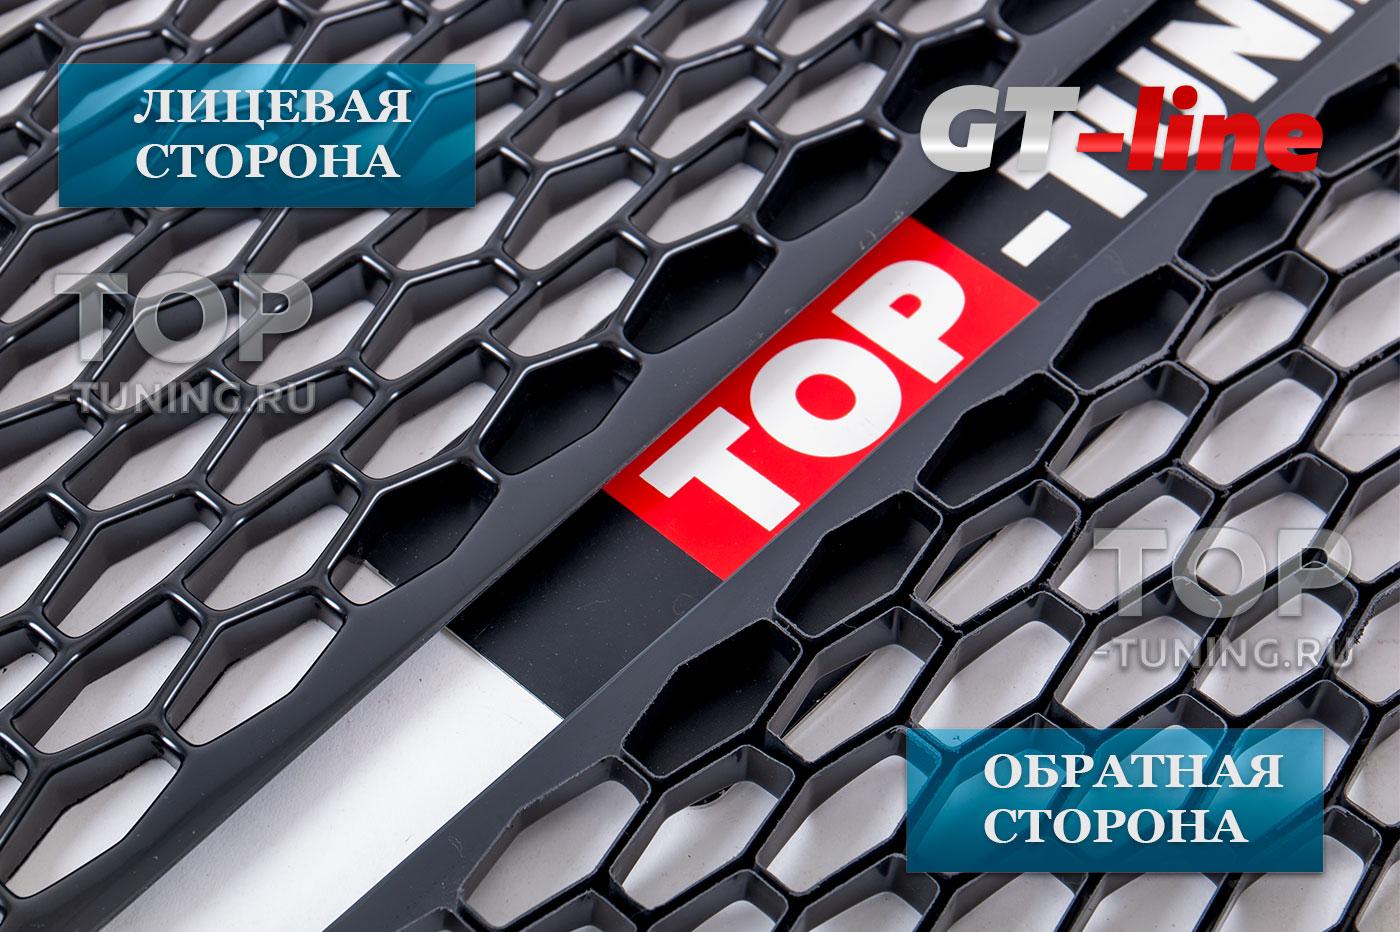 Оригинал пластик решетка в бампер - черная, шестигранник. Лист 120*55 см